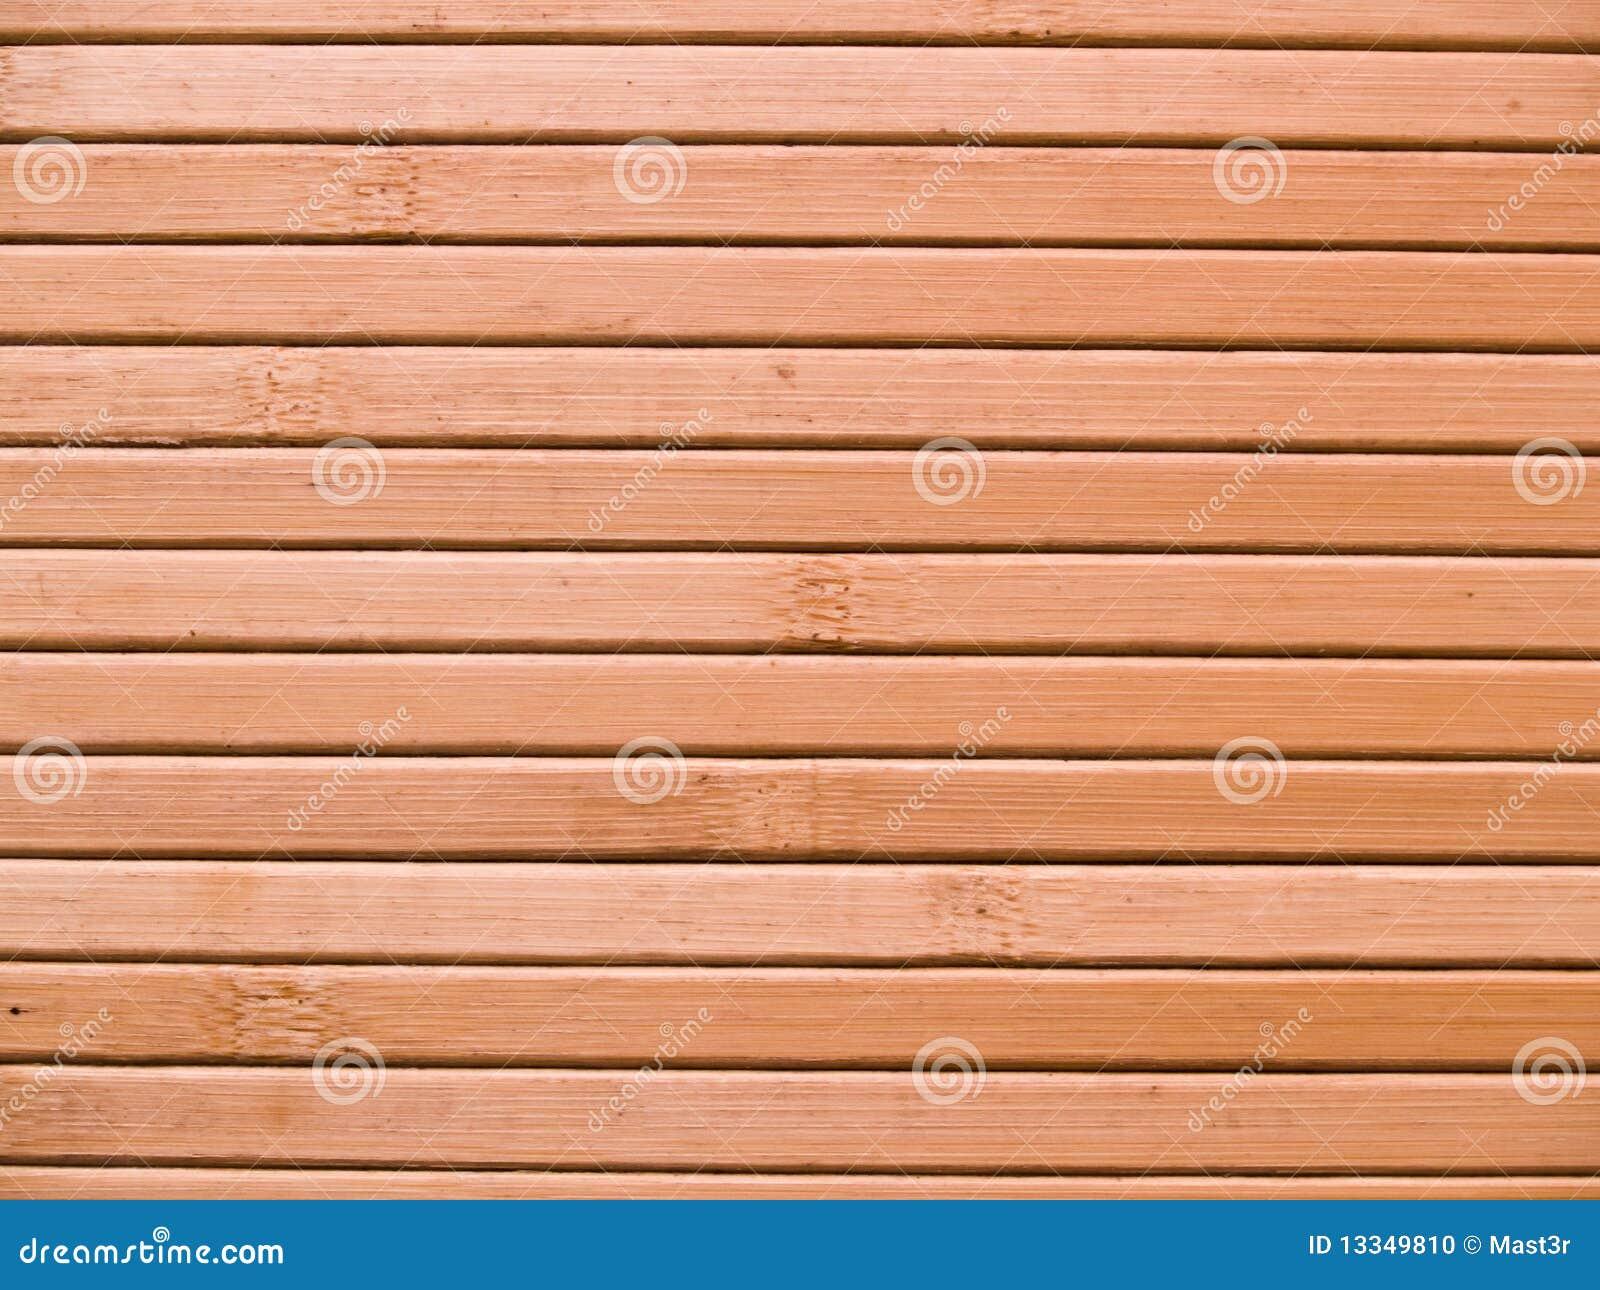 Textura fina de tablones de madera foto de archivo - Tablones de madera baratos ...